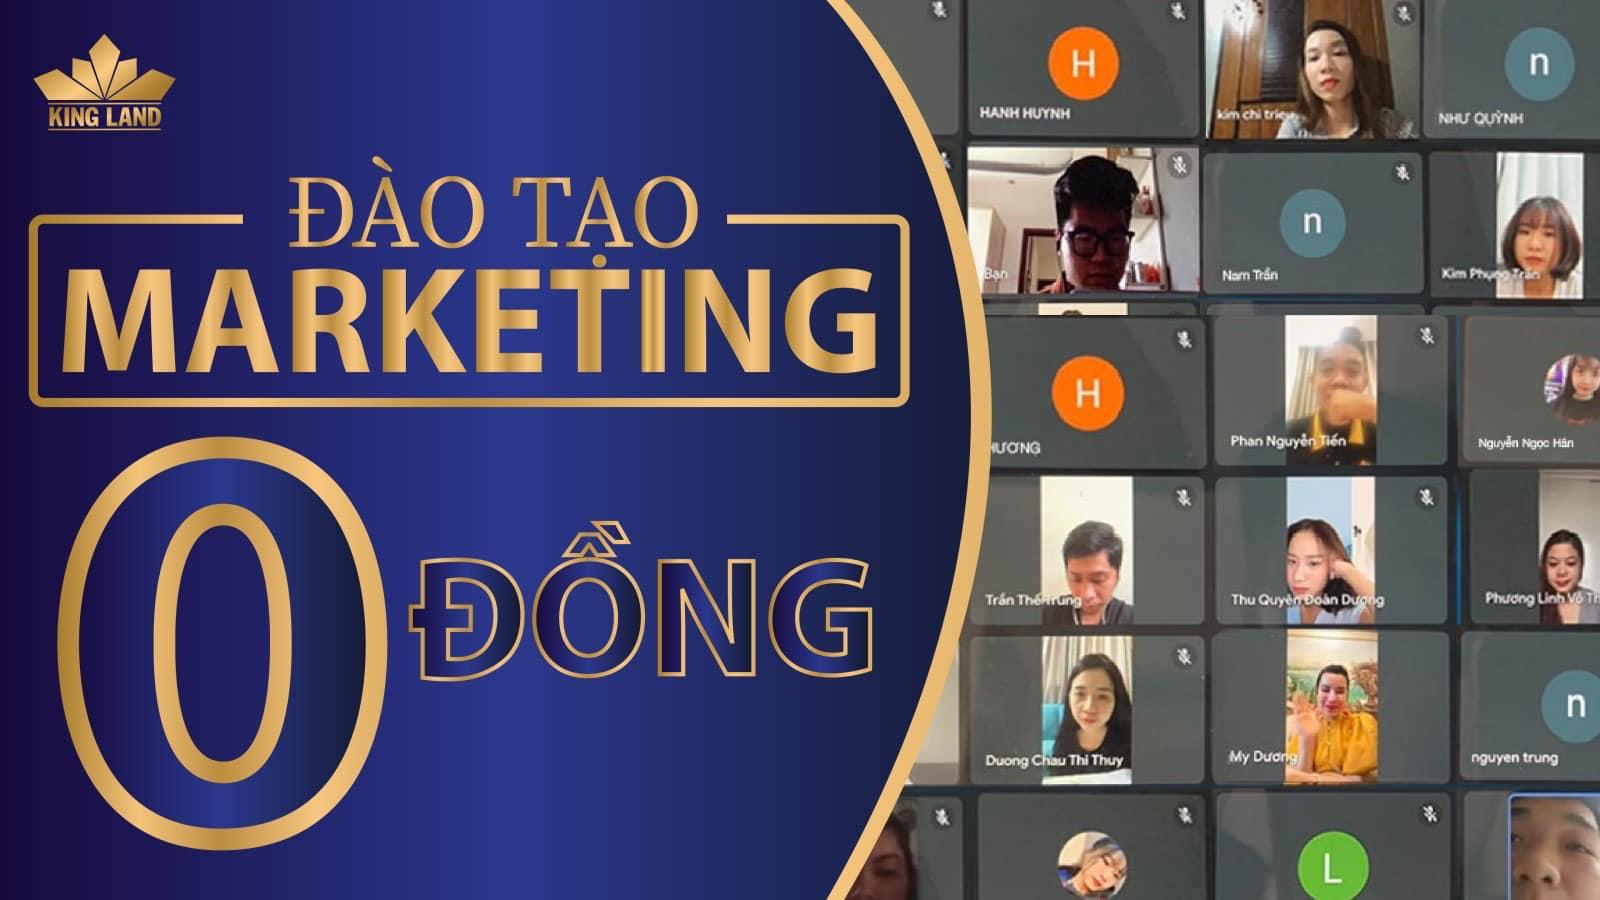 Đào tạo Marketing 0 đồng